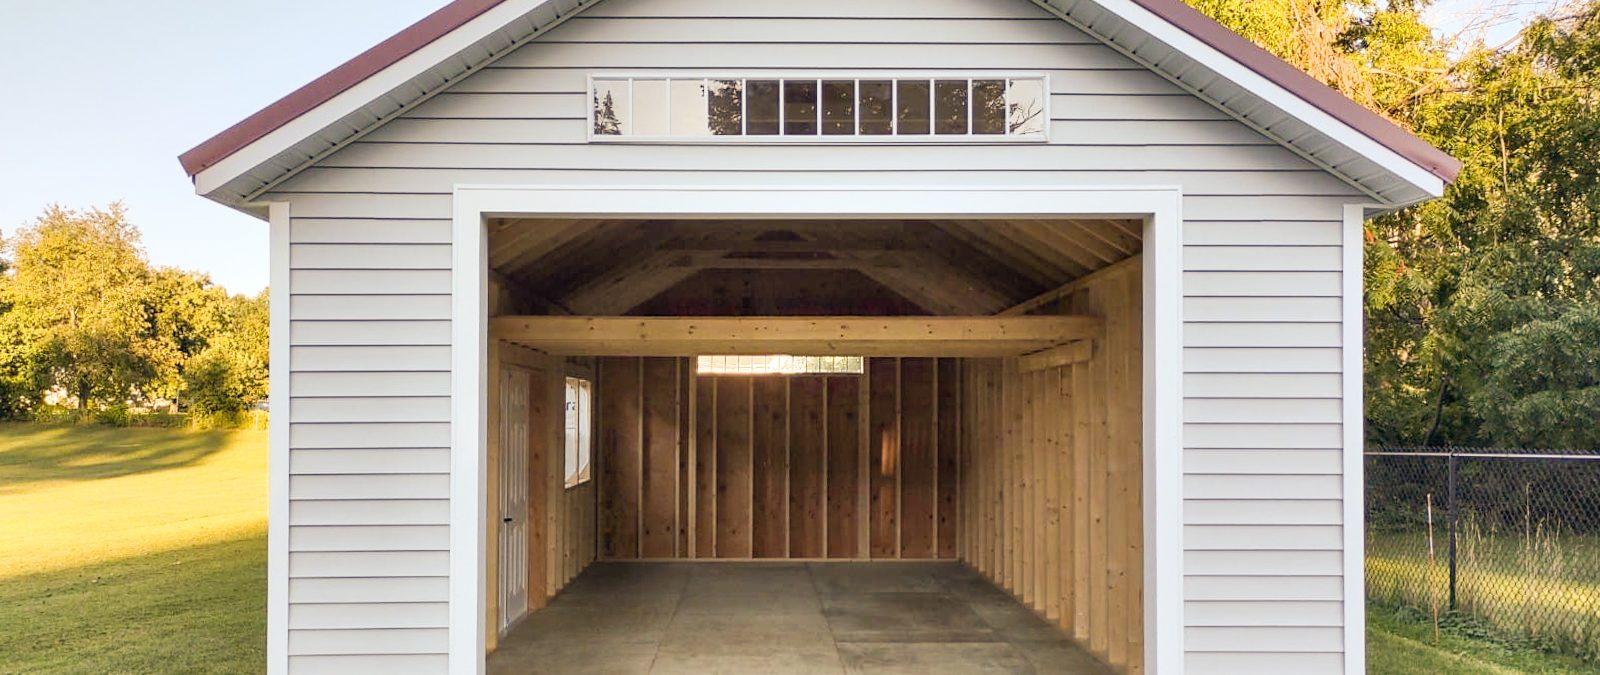 one car garage door